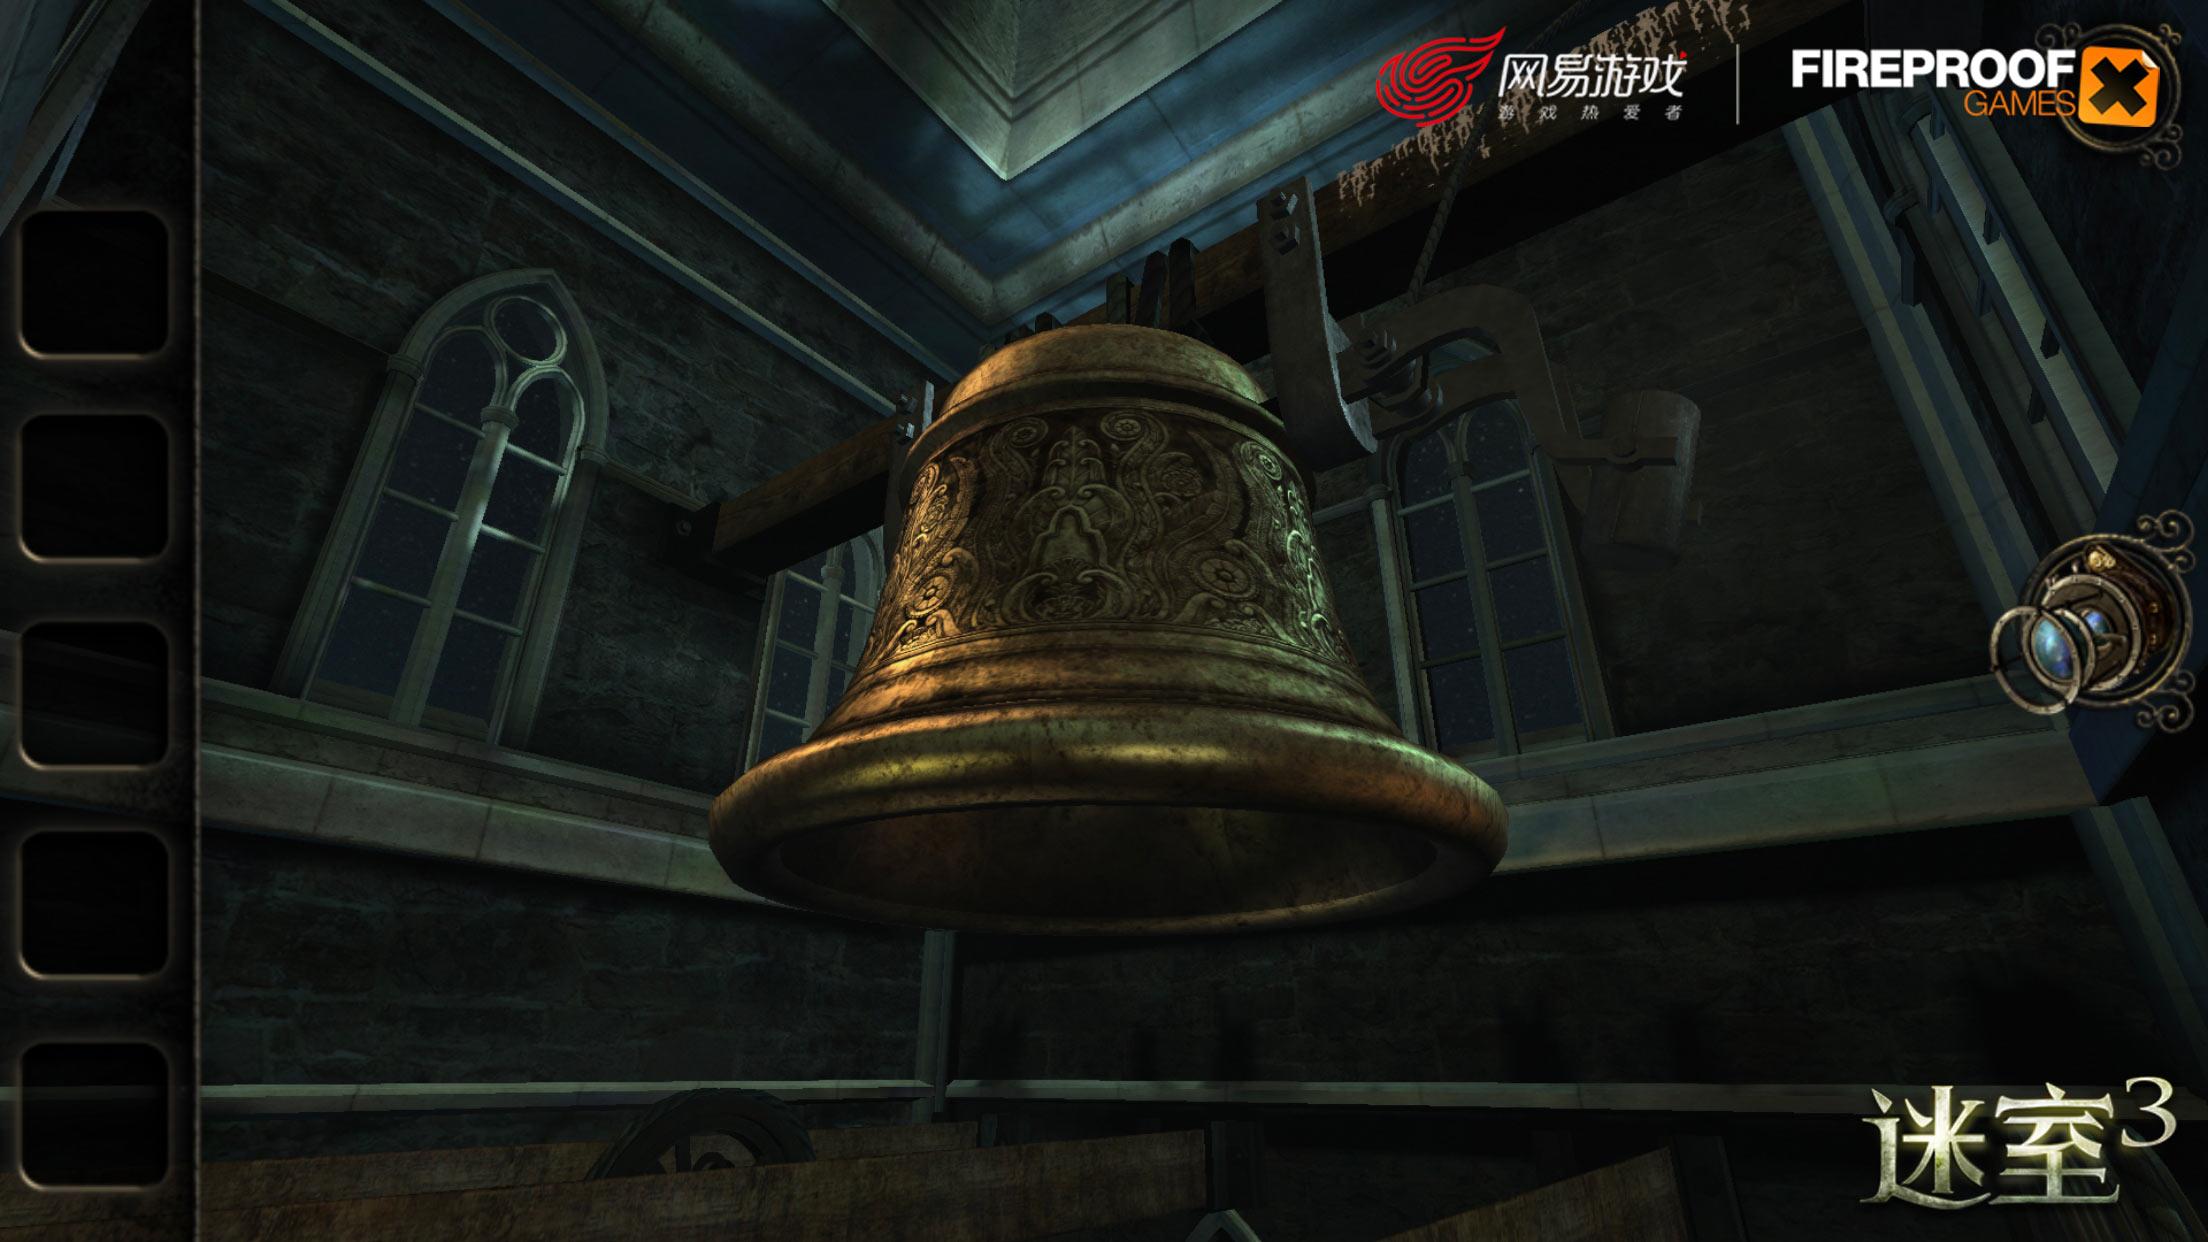 《迷室3》今日全平台正式上线!安卓平台限时5折优惠[视频][多图]图片6